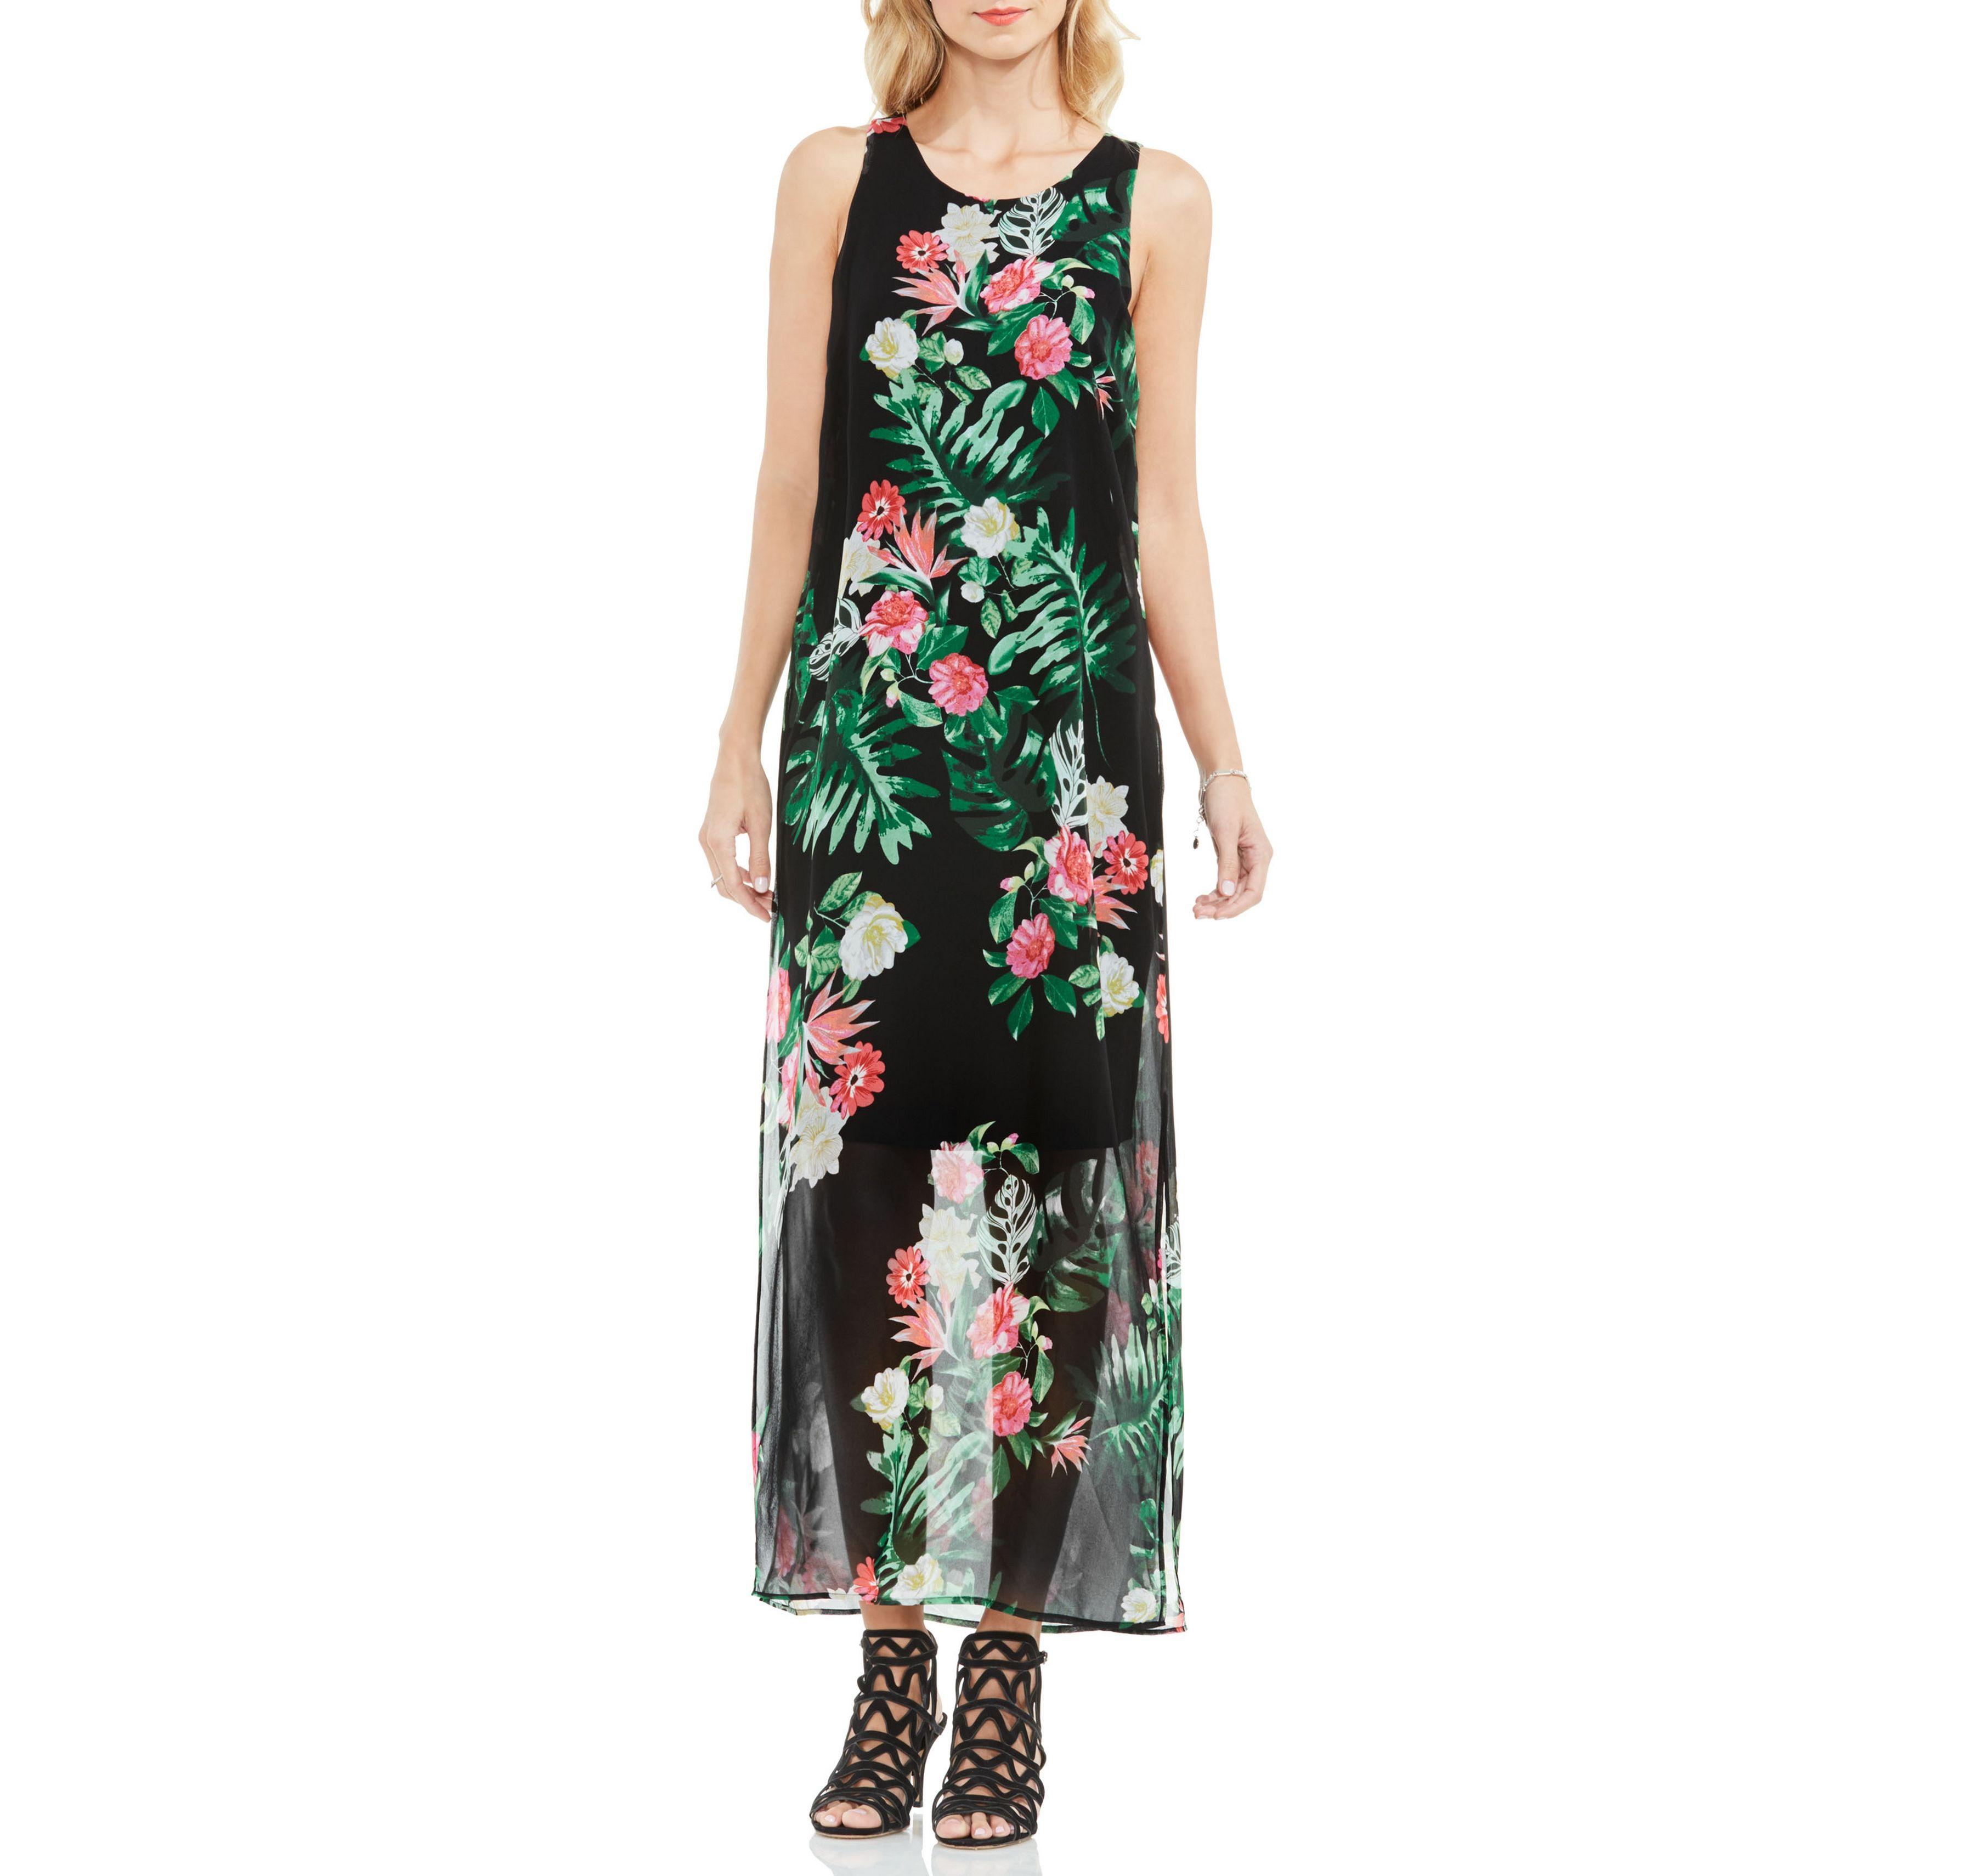 Vince Camuto Tropical Print Maxi Dress Vince Camuto Vintage Maxi Dress Holiday Maxi Dress Womens Long Maxi Dresses [ 3420 x 3588 Pixel ]